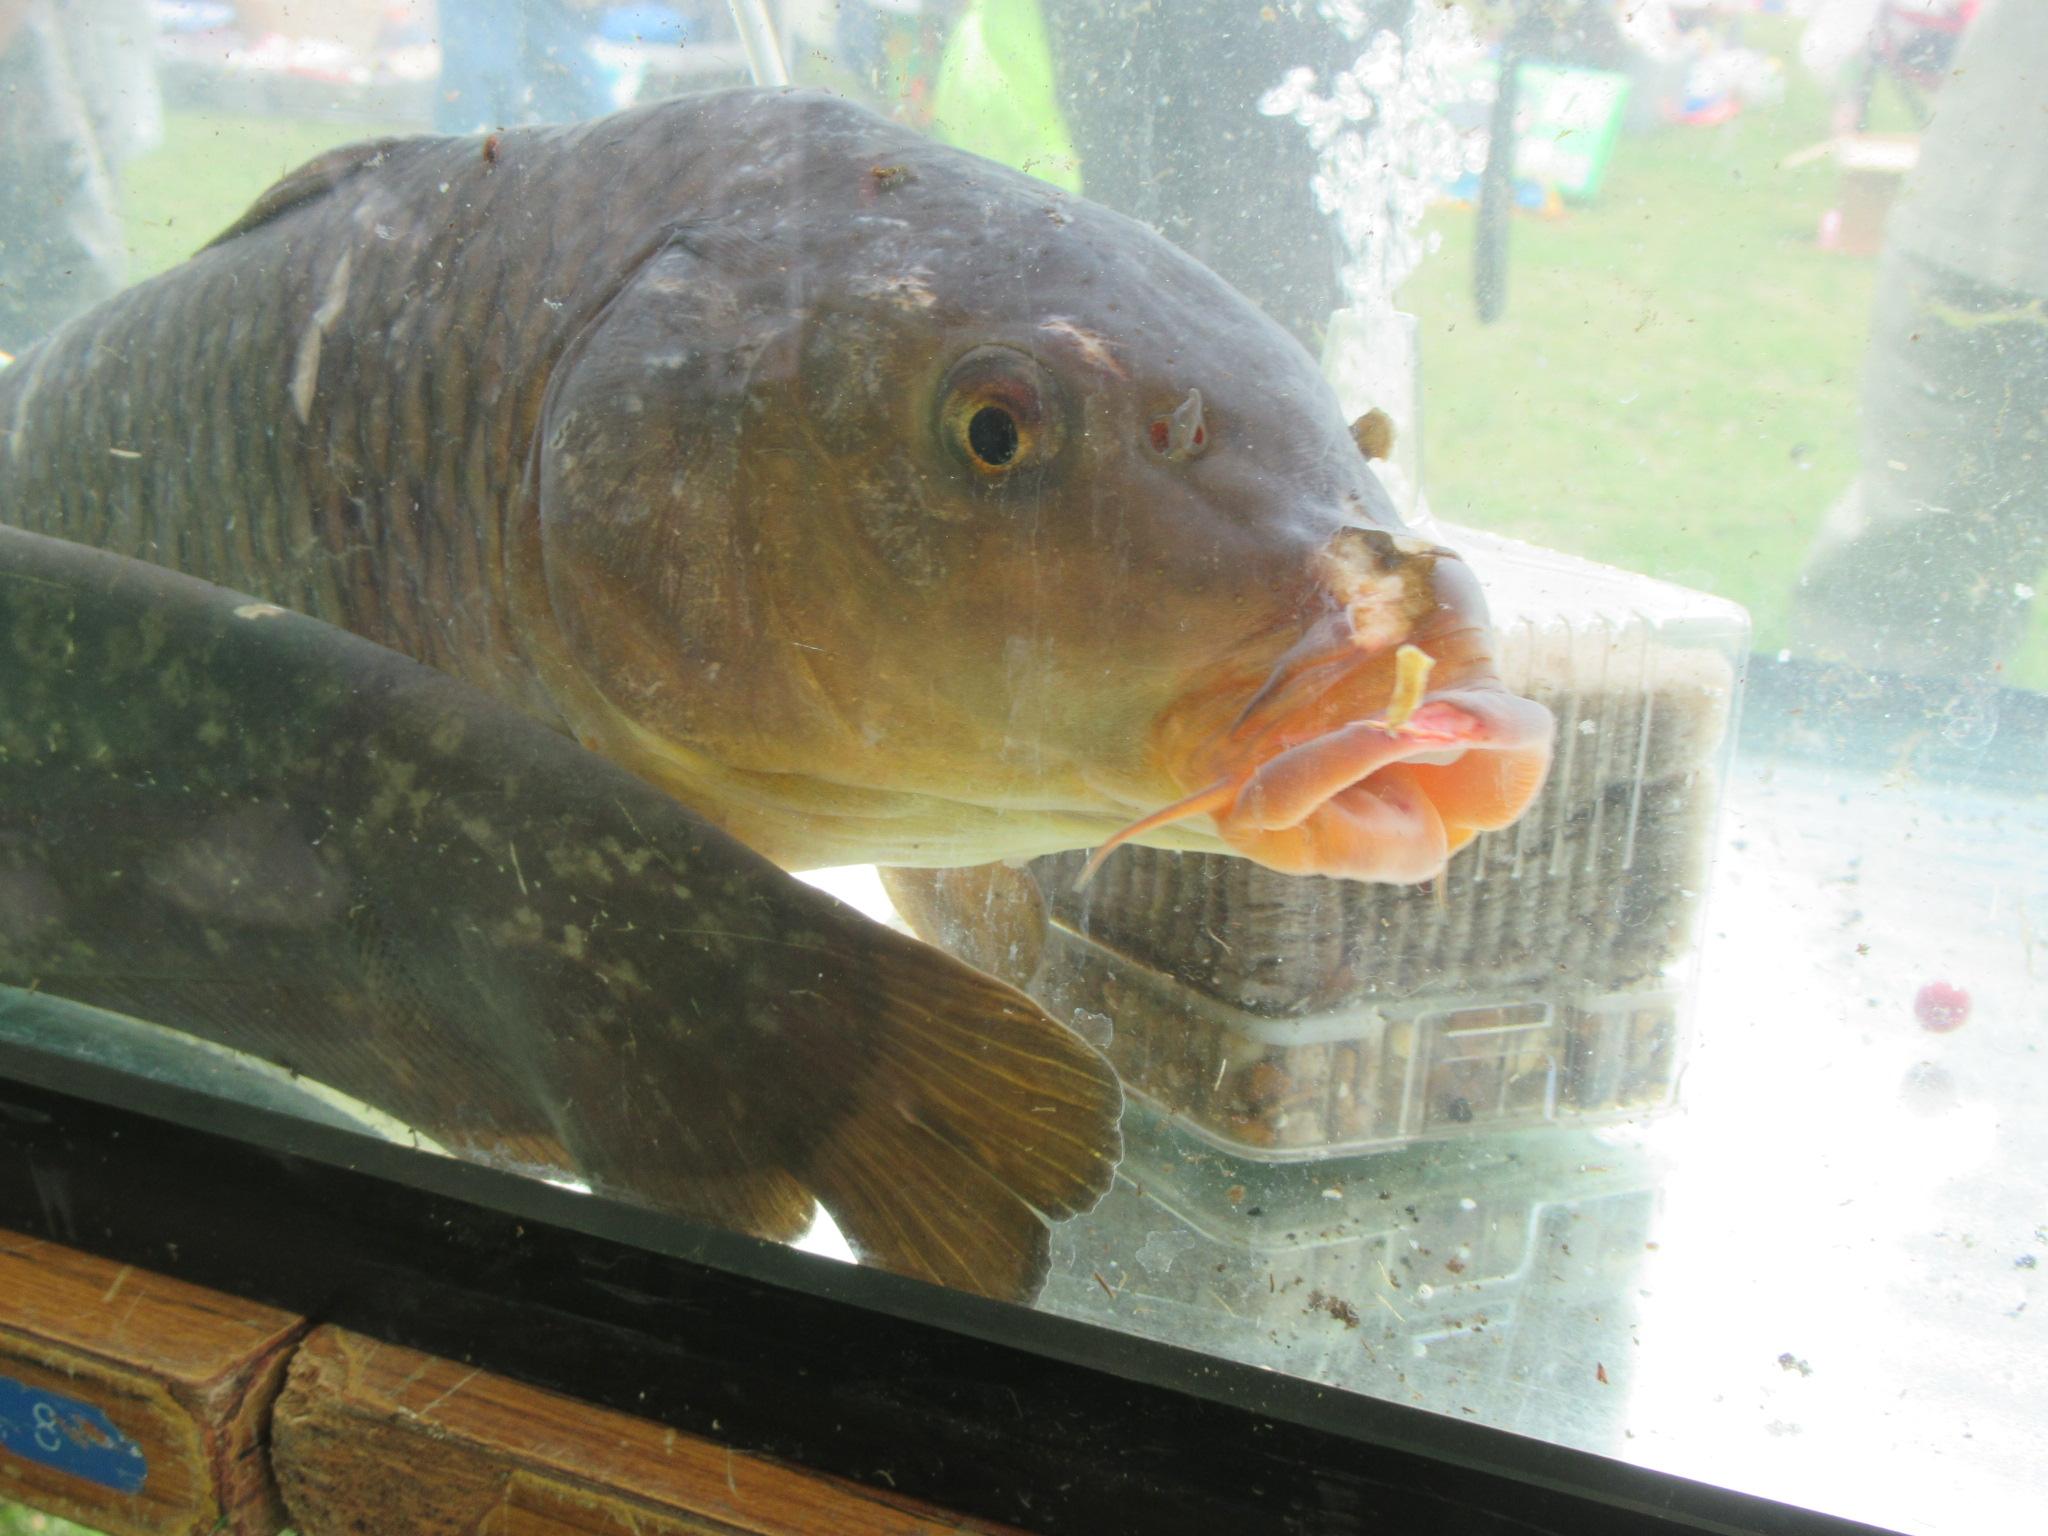 水槽の魚たち_コイとナマズ